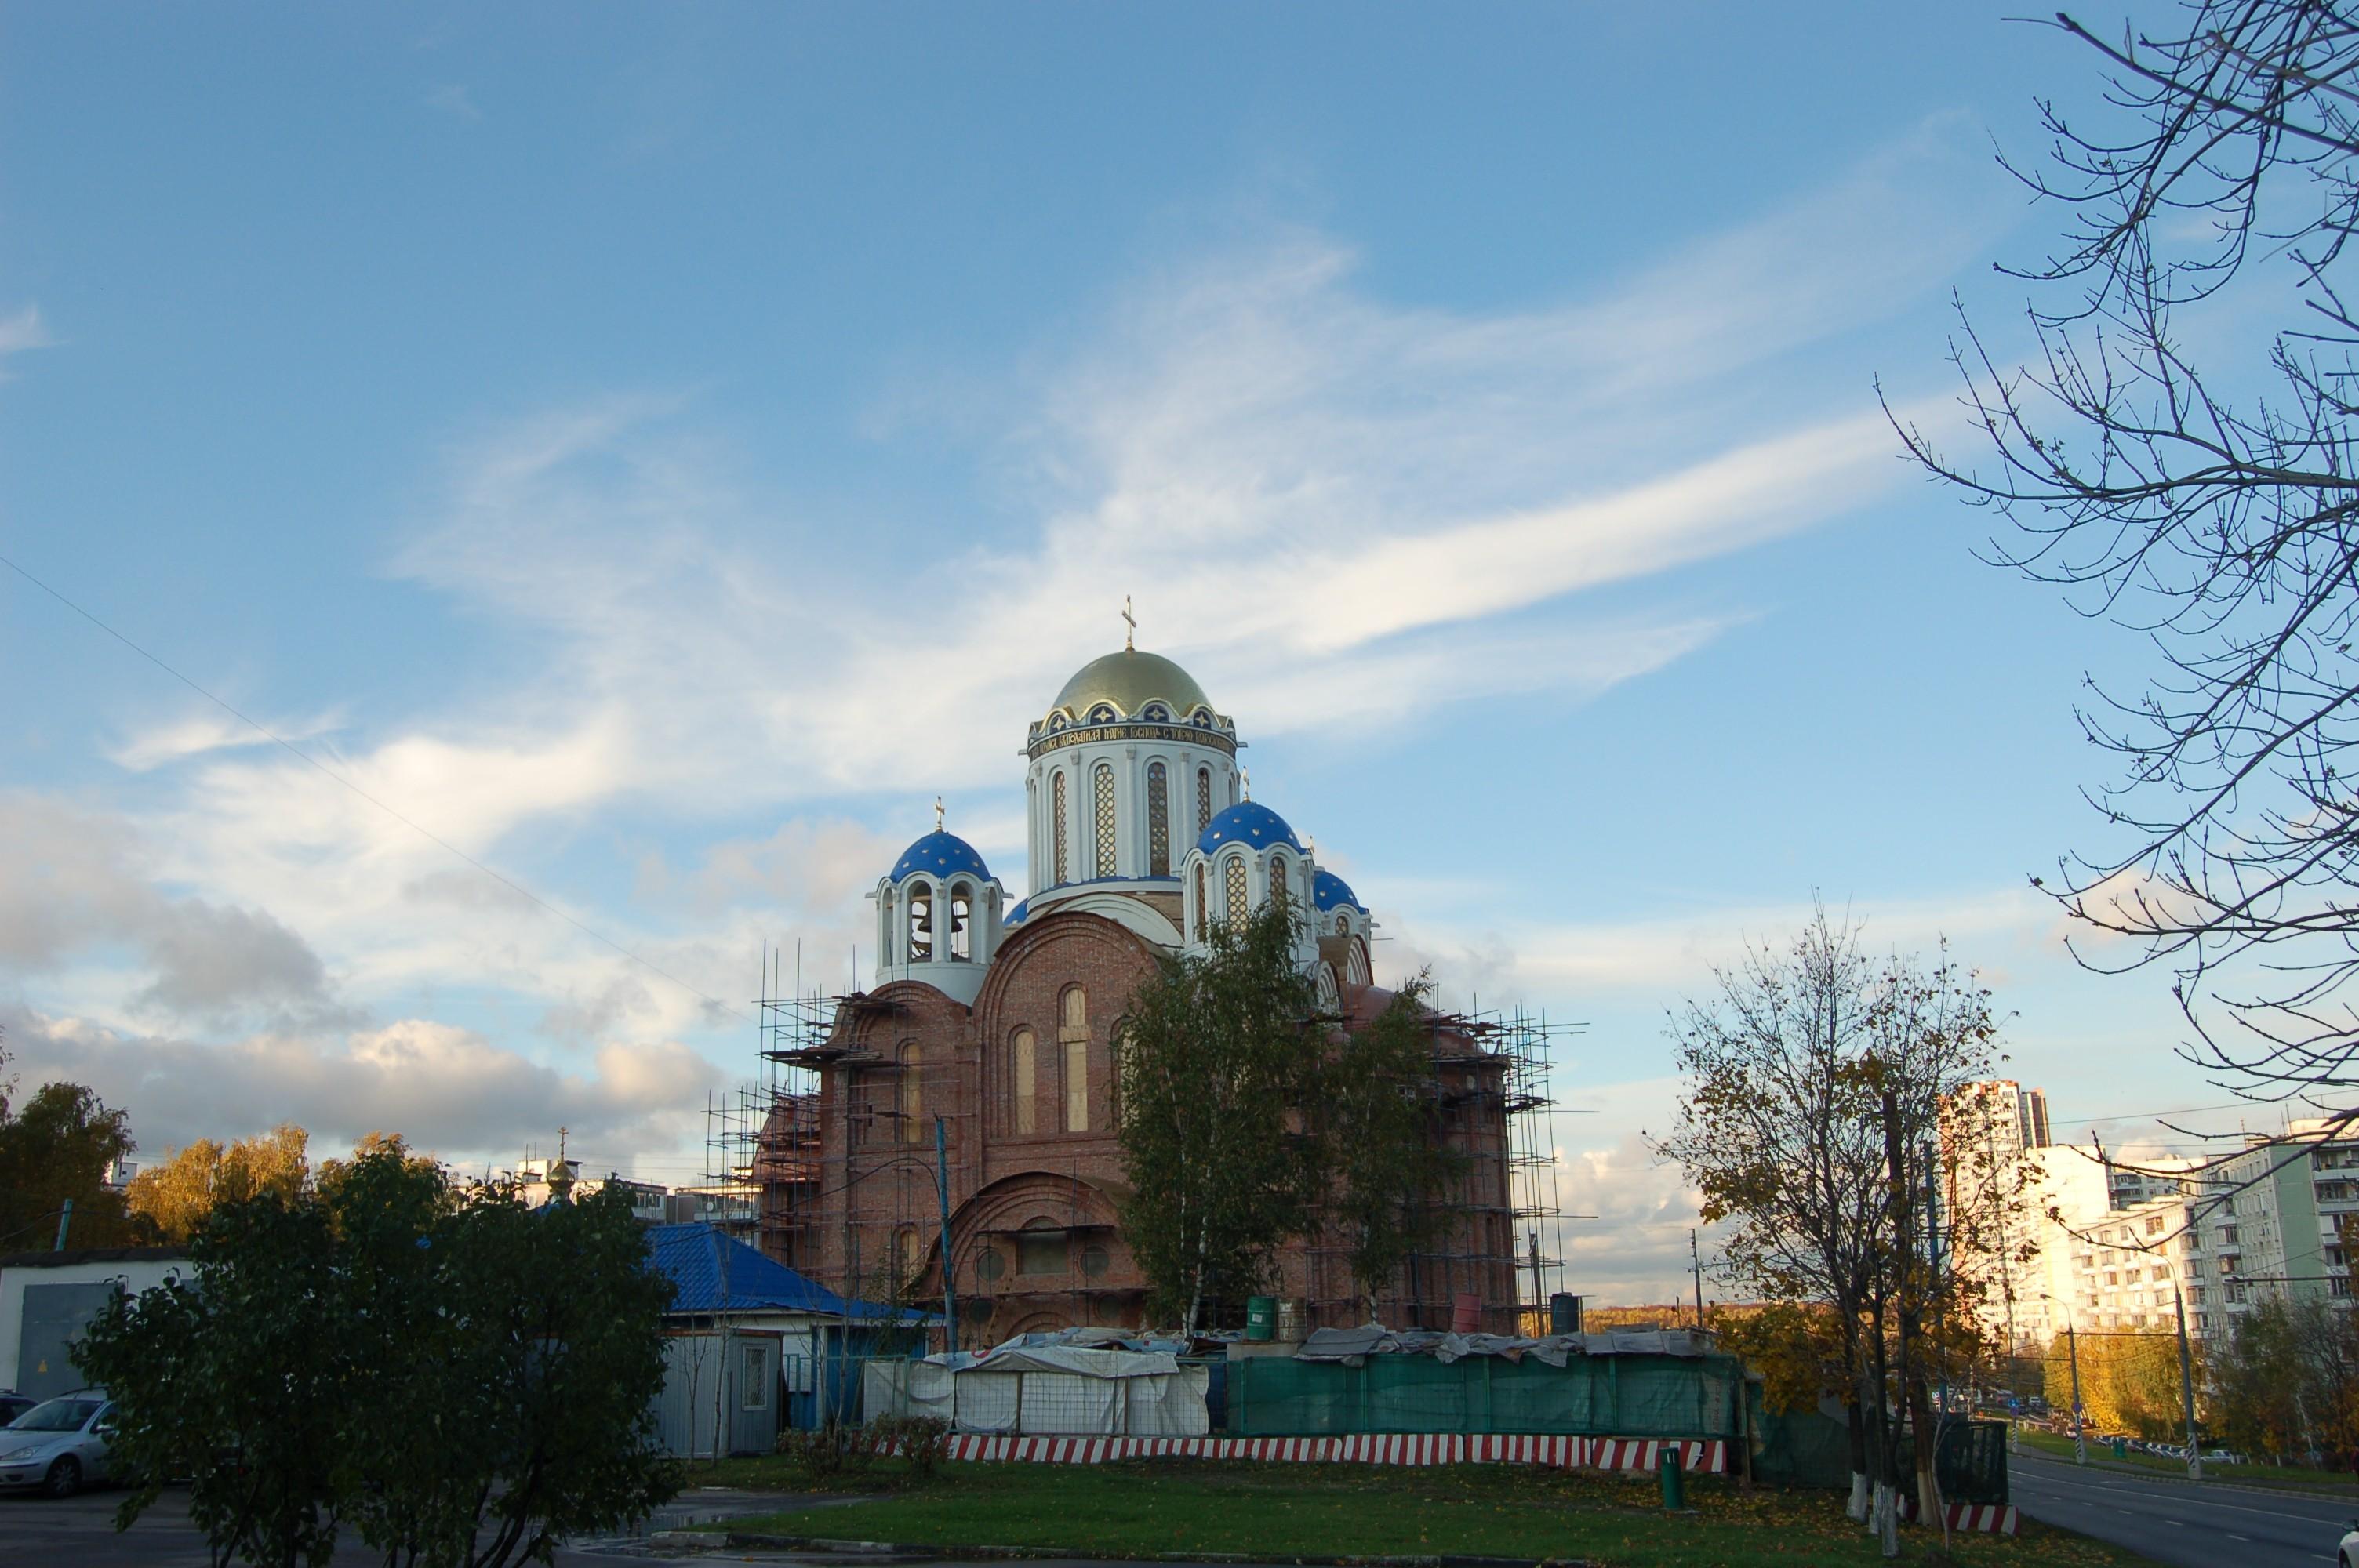 Уникальный проект Покровского храма в Ясенево позволит прикоснуться к святыням Святой Земли, не покидая столицу